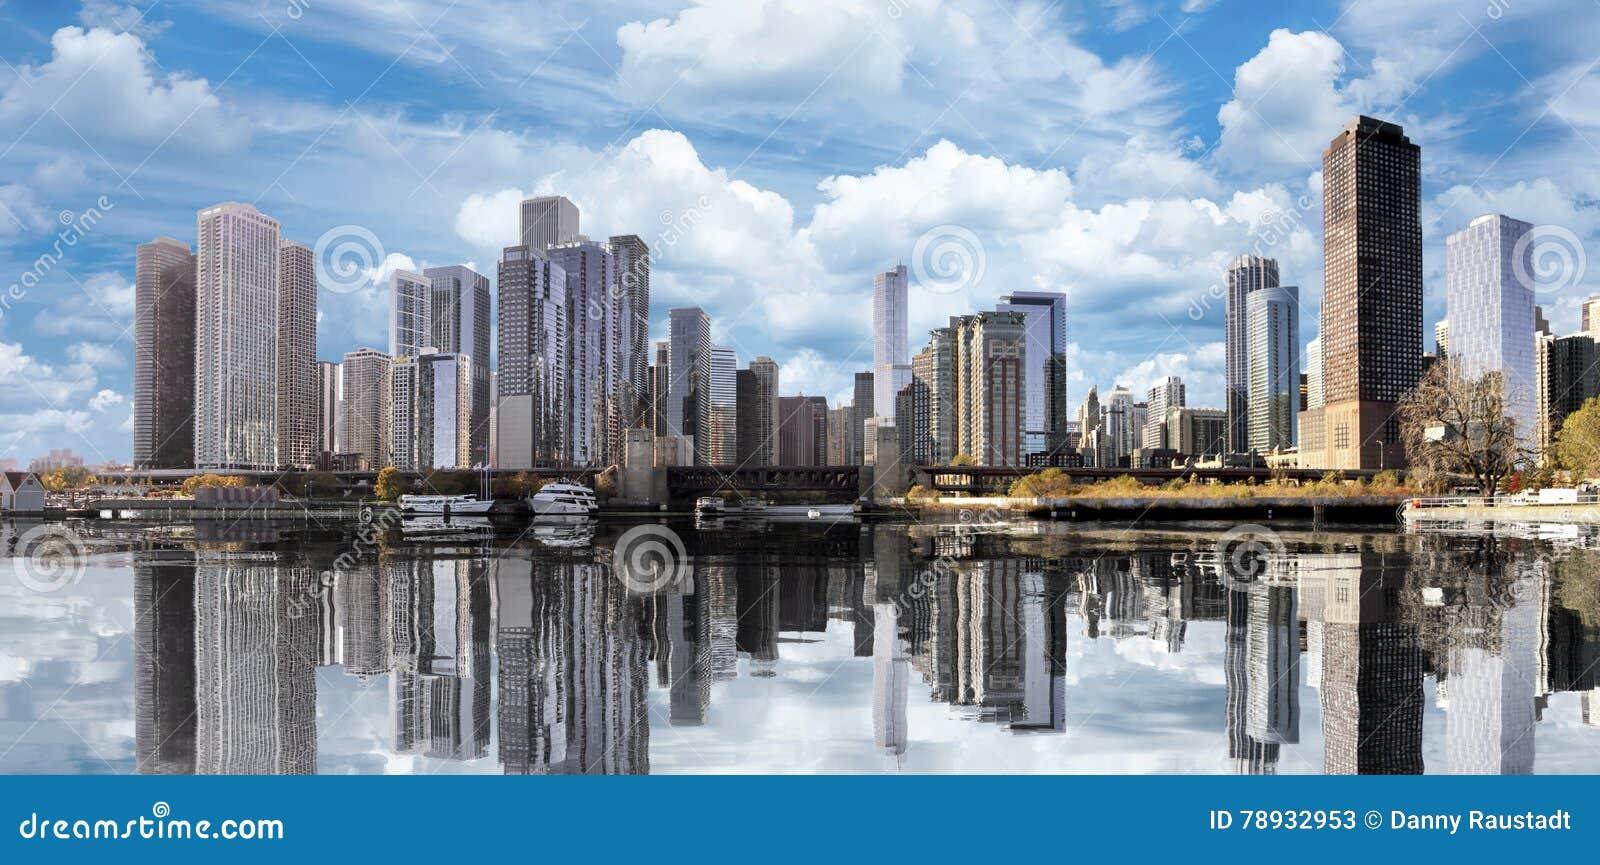 Στο κέντρο της πόλης αντανακλάσεις του Σικάγου